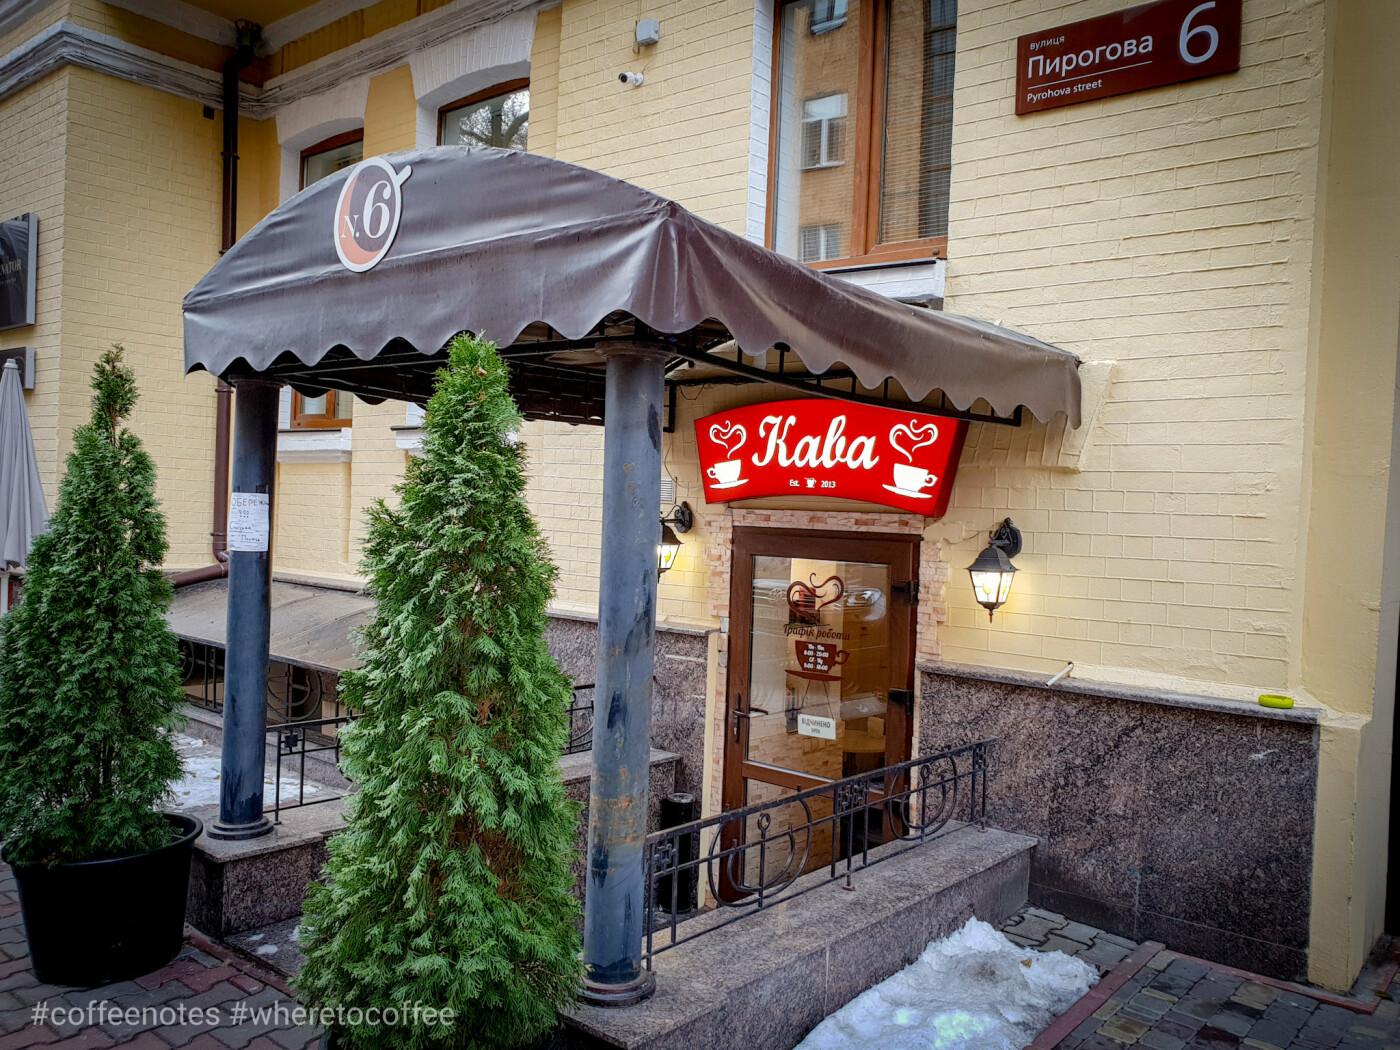 Где выпить кофе в Киеве: ТОП-10 лучших кофеен города, Фото: Google (Alex Delsian)